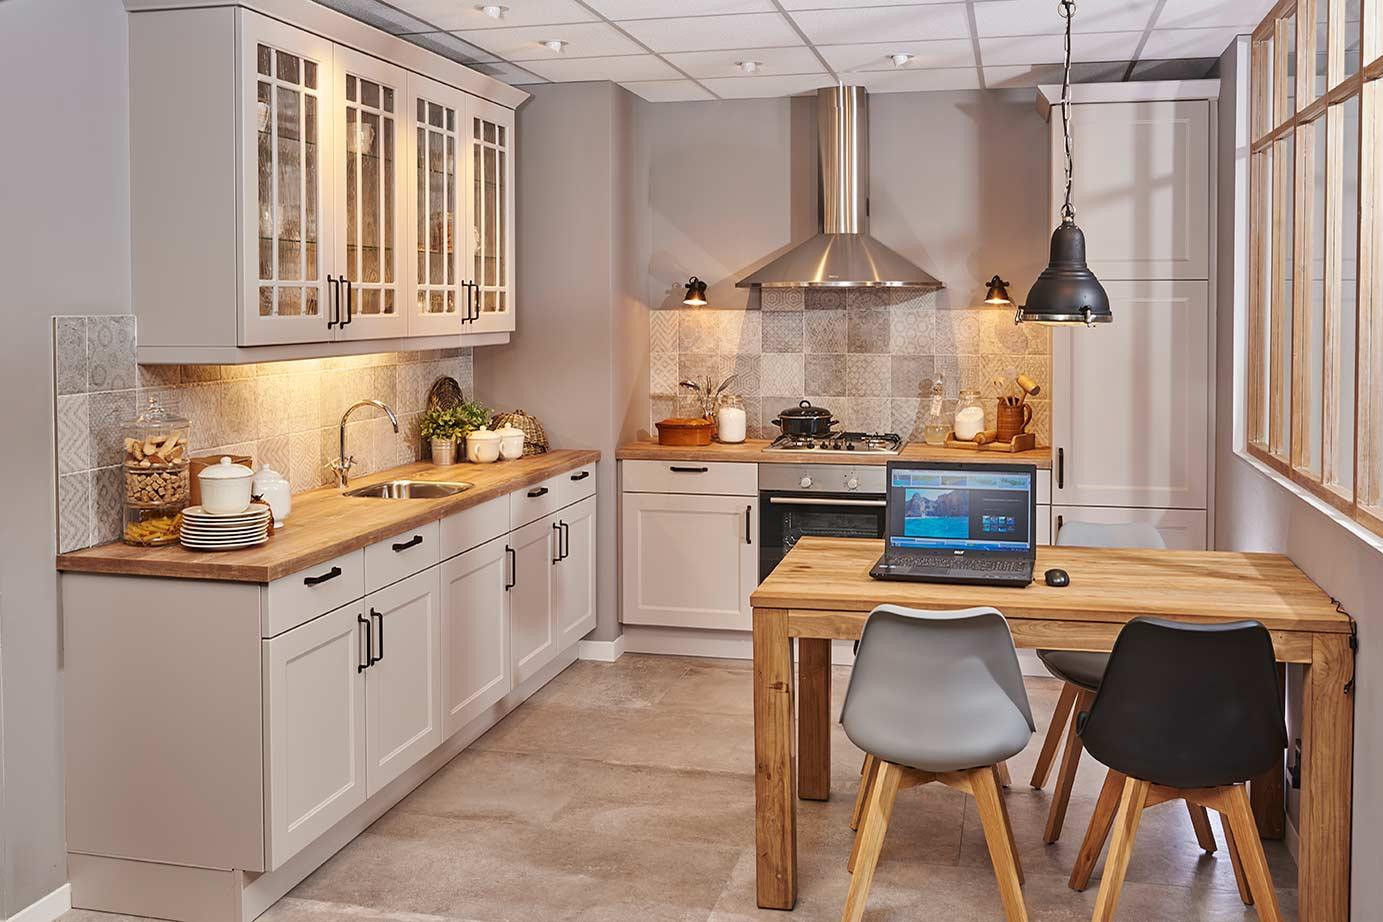 Adee keukens in rijssen maak vrijblijvend kennis db keukens